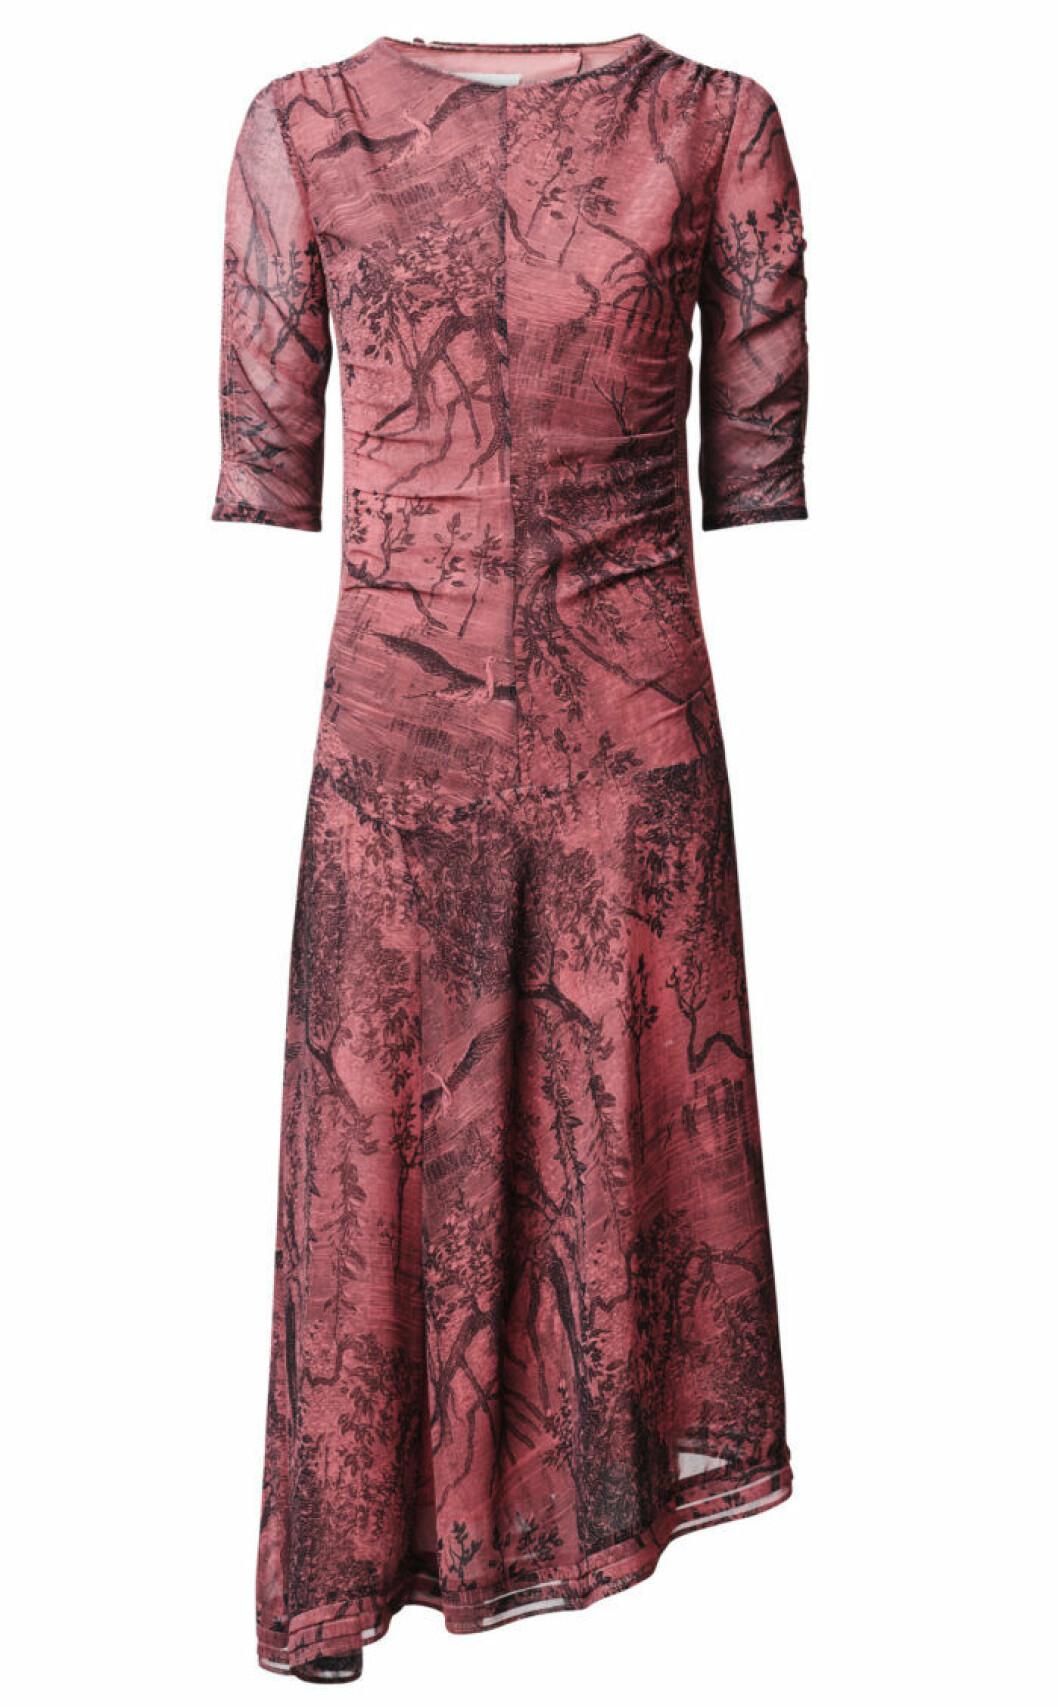 H&M Conscious Exclusive 2019 röd klänning med trekvartsärm